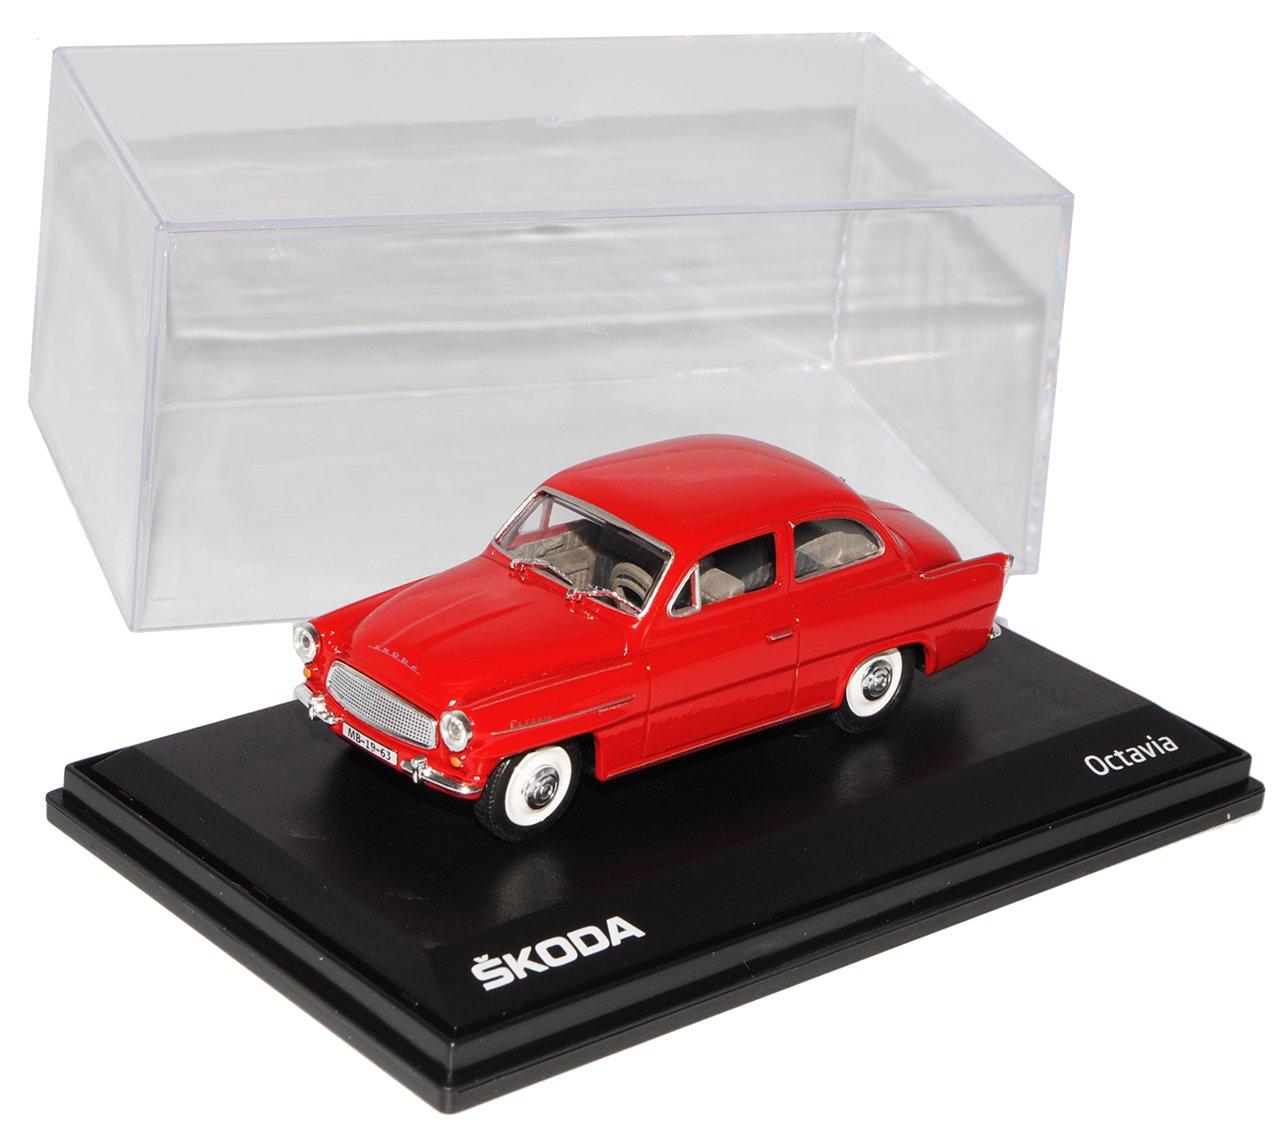 Abrex Skoda Octavia I 440 Coupe Rot 1955-1971 143AB704BB 1 43 Modell Auto B018H3G7G2 Motorfahrzeuge Niedriger Preis  | Schön In Der Farbe